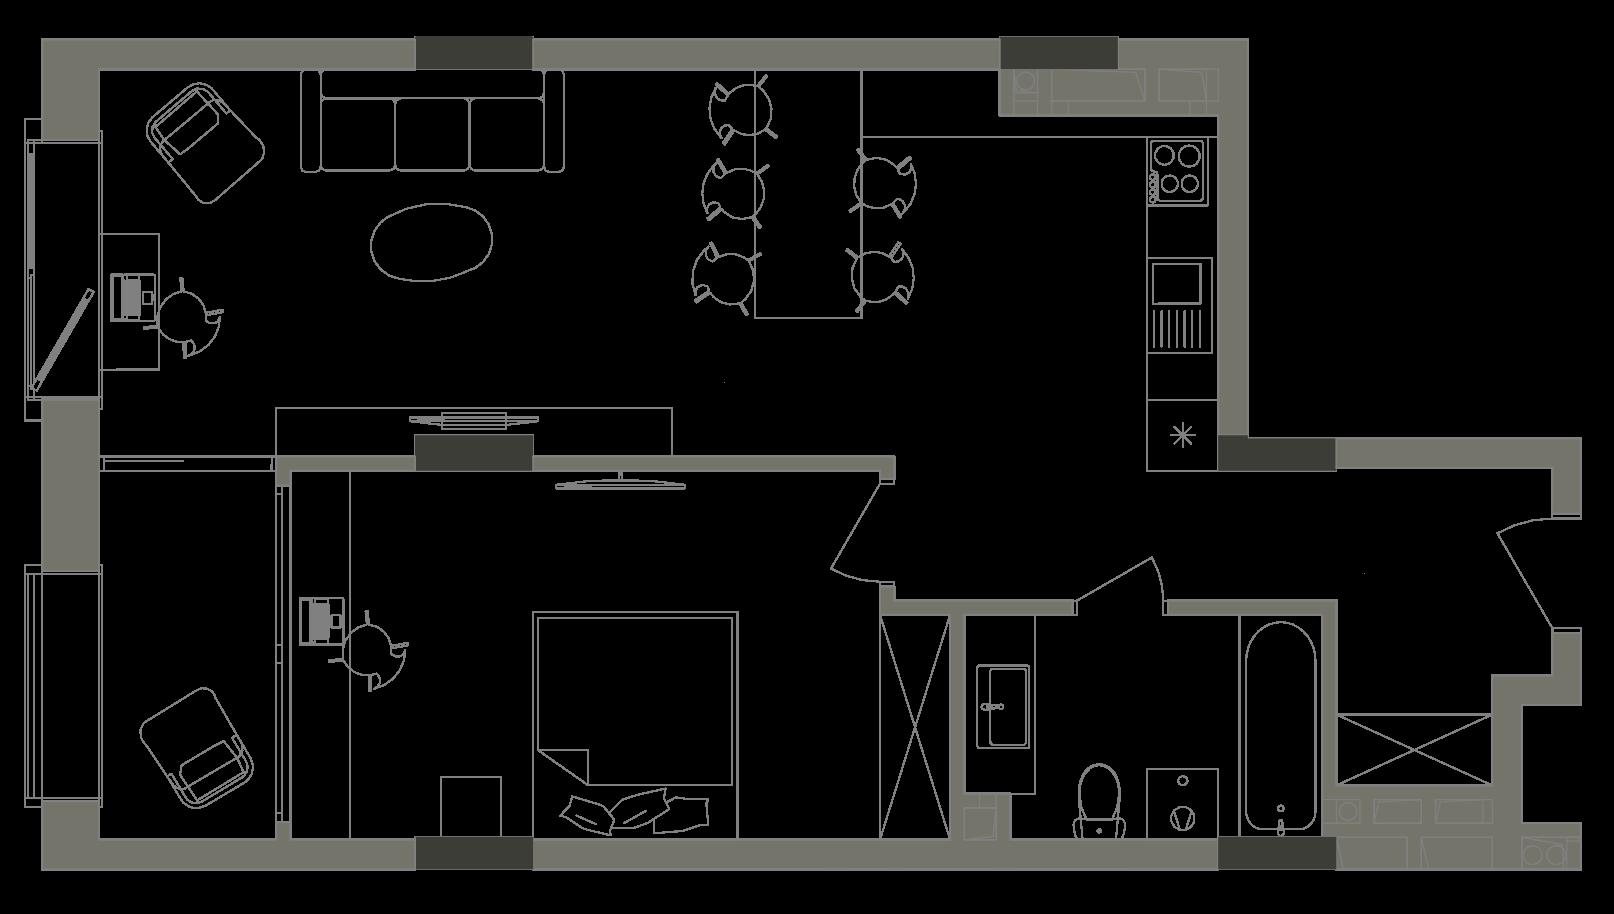 Квартира KV_14_1V_1_1_5